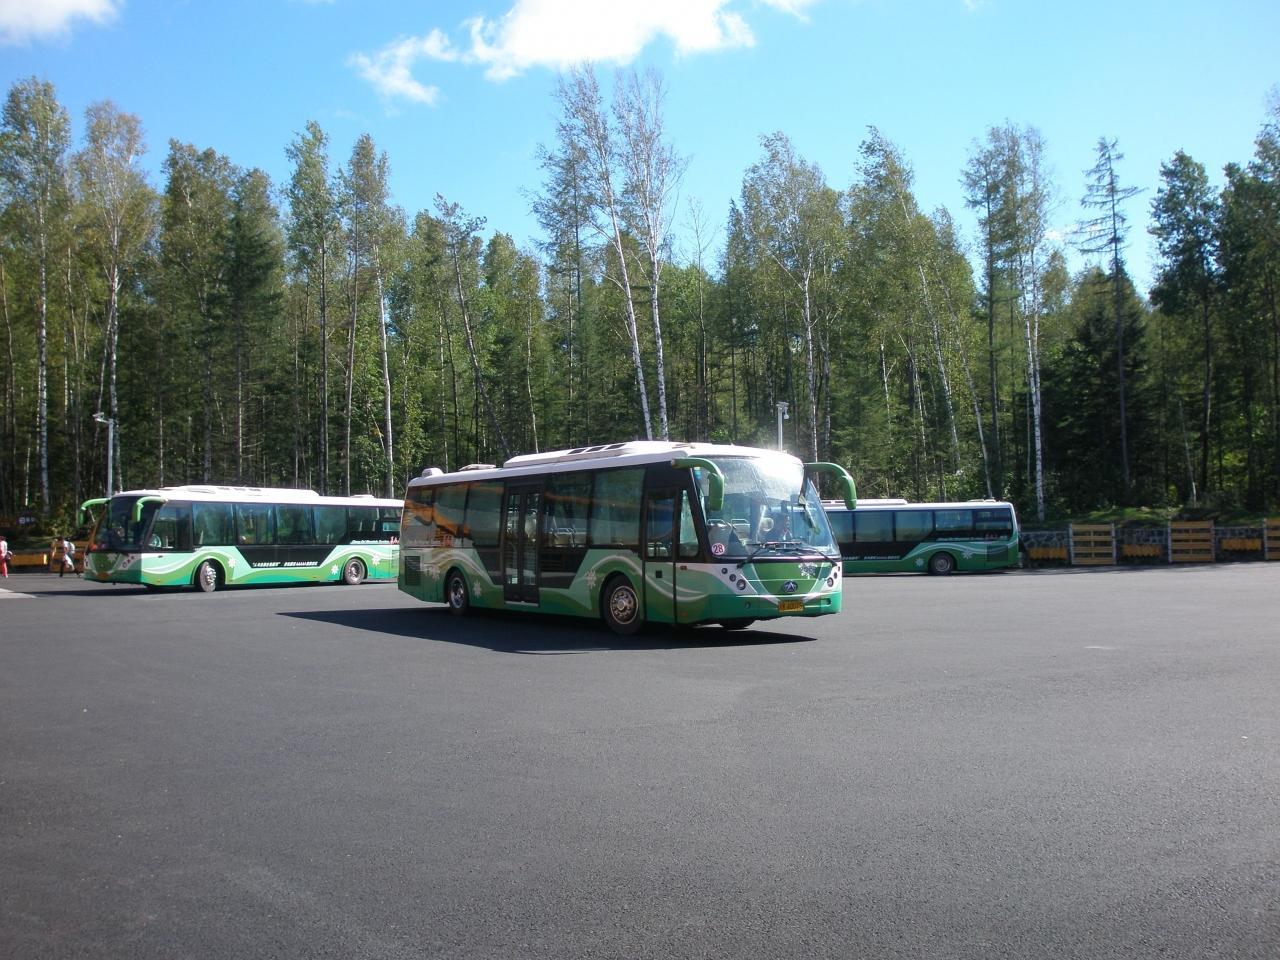 2012年秋 「間島」を訪ねる旅 3 頭道溝日本領事館跡、薬水洞ソヴェート政府、白頭山